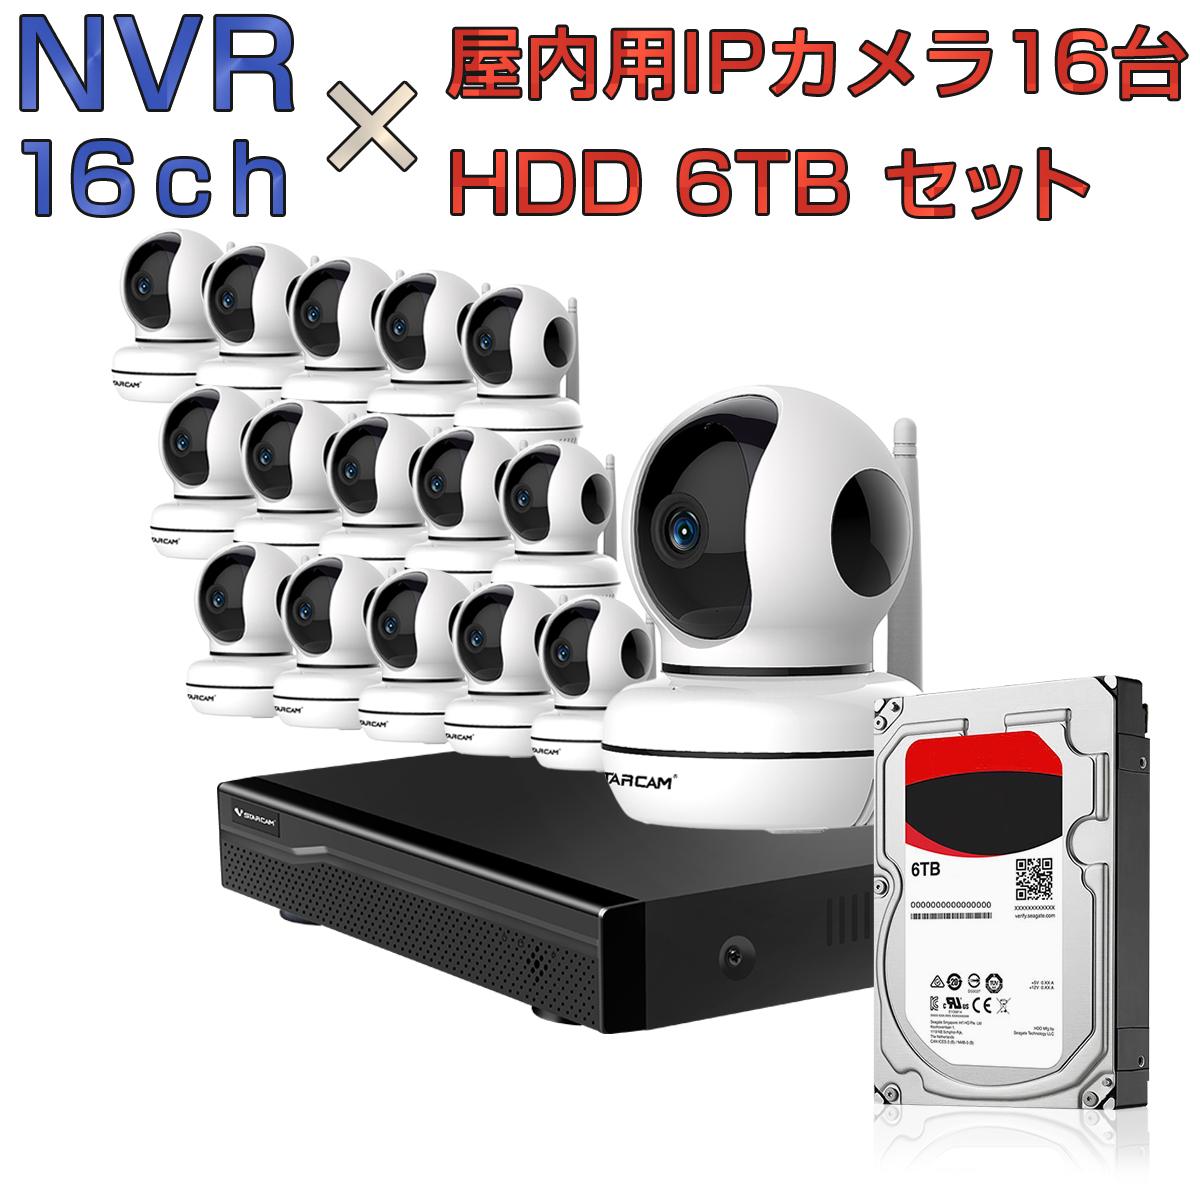 NVR ネットワークビデオレコーダー 16ch HDD6TB内蔵 C46S 2K 1080p 200万画素カメラ 16台セット IP ONVIF形式 スマホ対応 遠隔監視 FHD 動体検知 同時出力 録音対応 H.265+ IPカメラレコーダー監視システム 6ヶ月保証 K&M